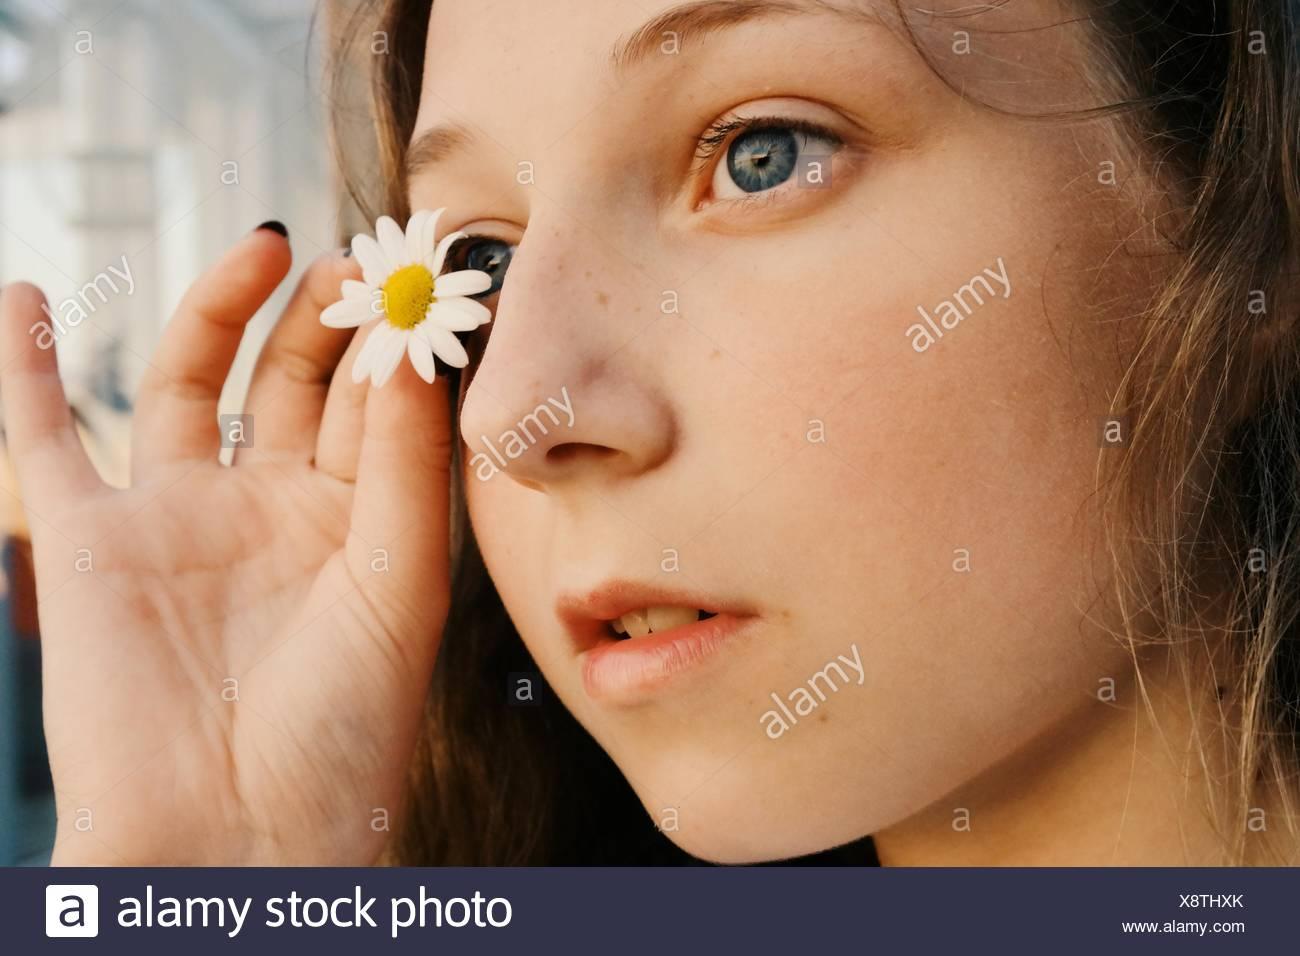 Primer plano de Una Chica sujetando una flor de margarita cerca de su ojo Imagen De Stock